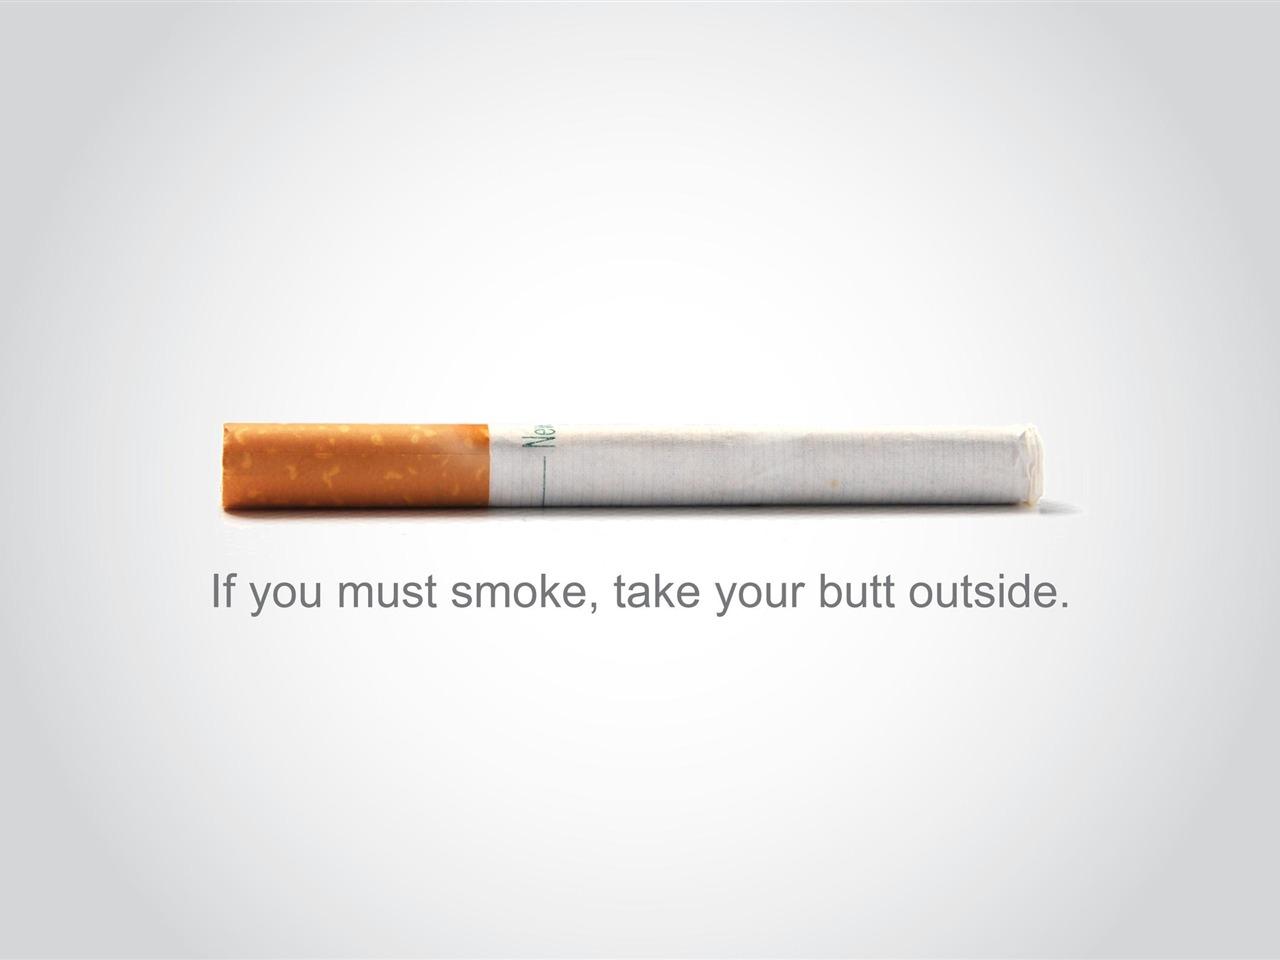 Cigarette Label-Creative Design Wallpaper - 1280x960 wallpaper ...